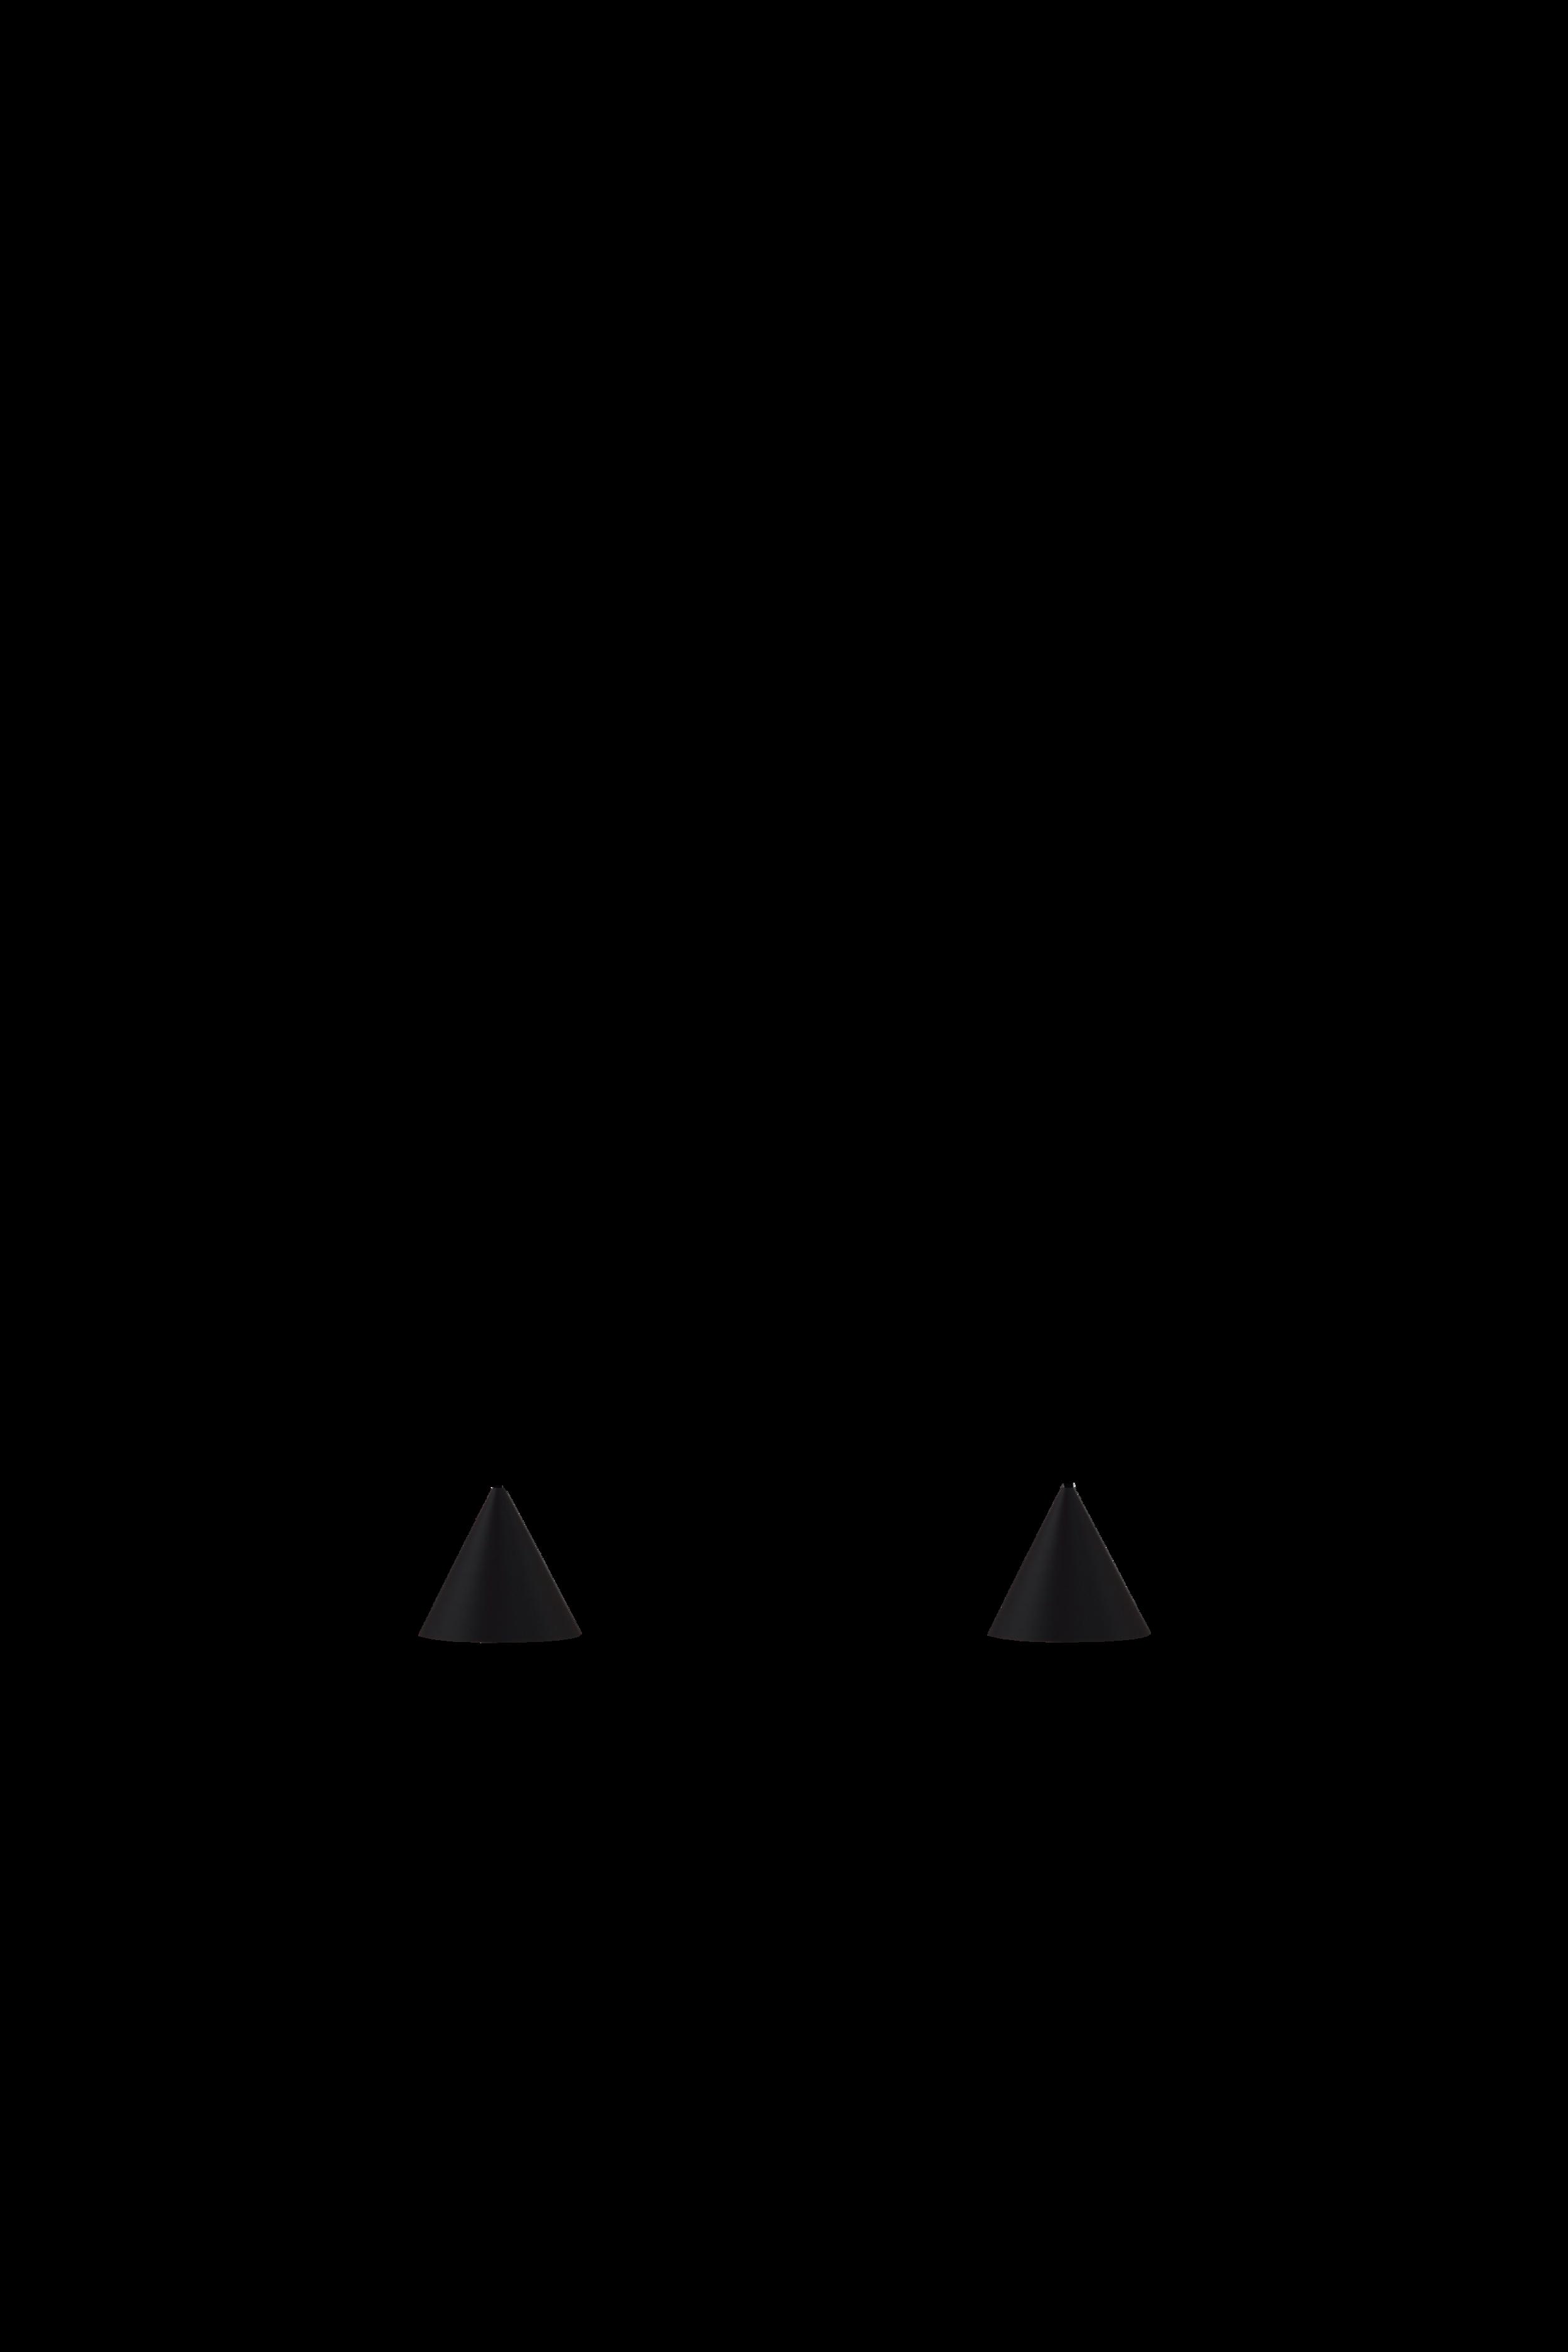 MEGA LONG - SMALL CONES